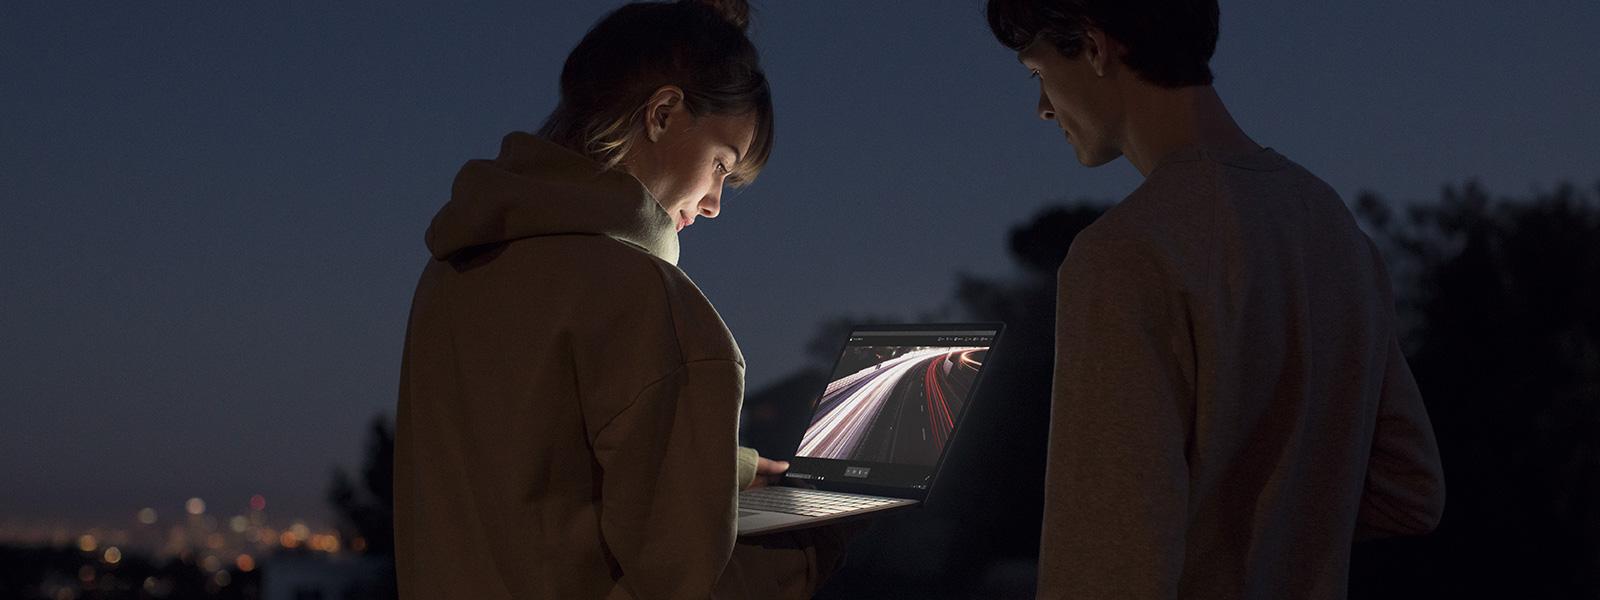 Deux personnes utilisant Surface dans l'obscurité